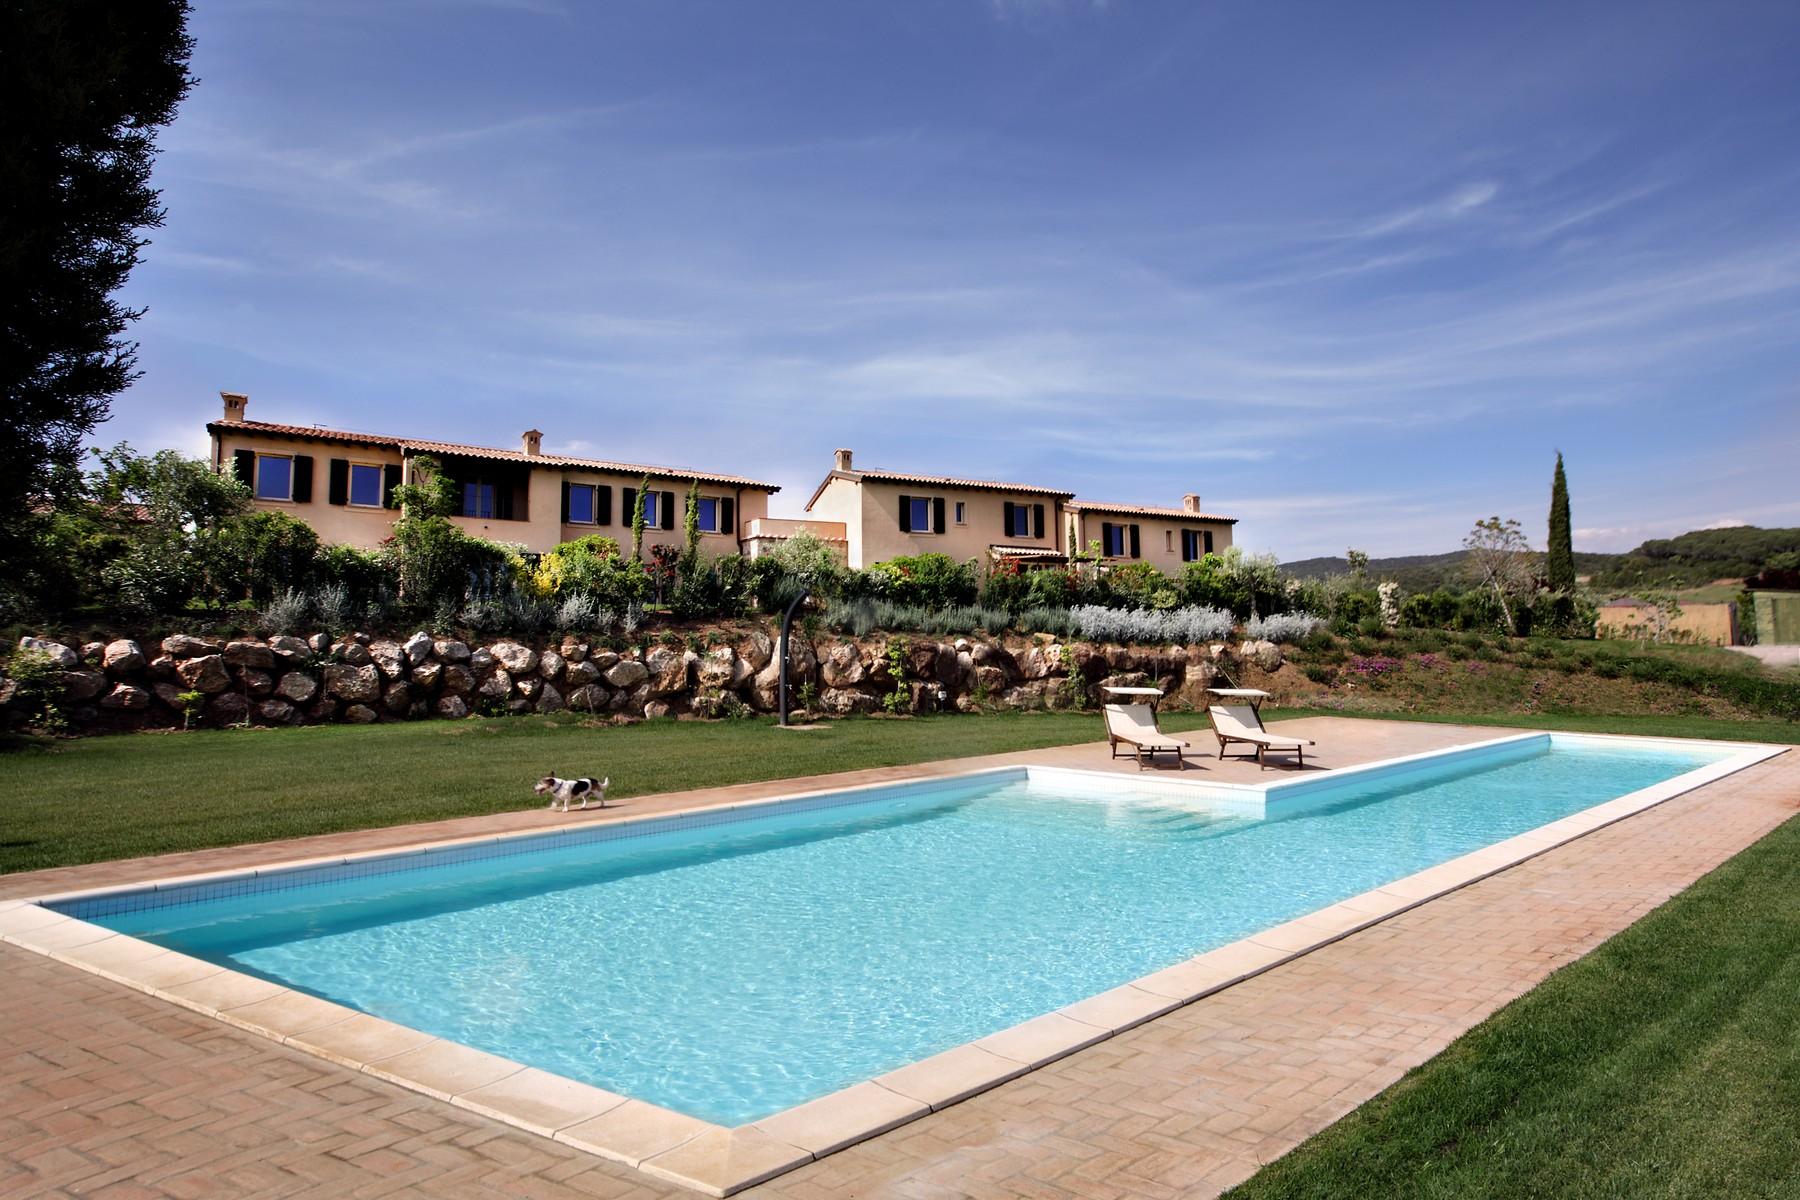 Appartamento in Vendita a Gavorrano: 4 locali, 188 mq - Foto 1